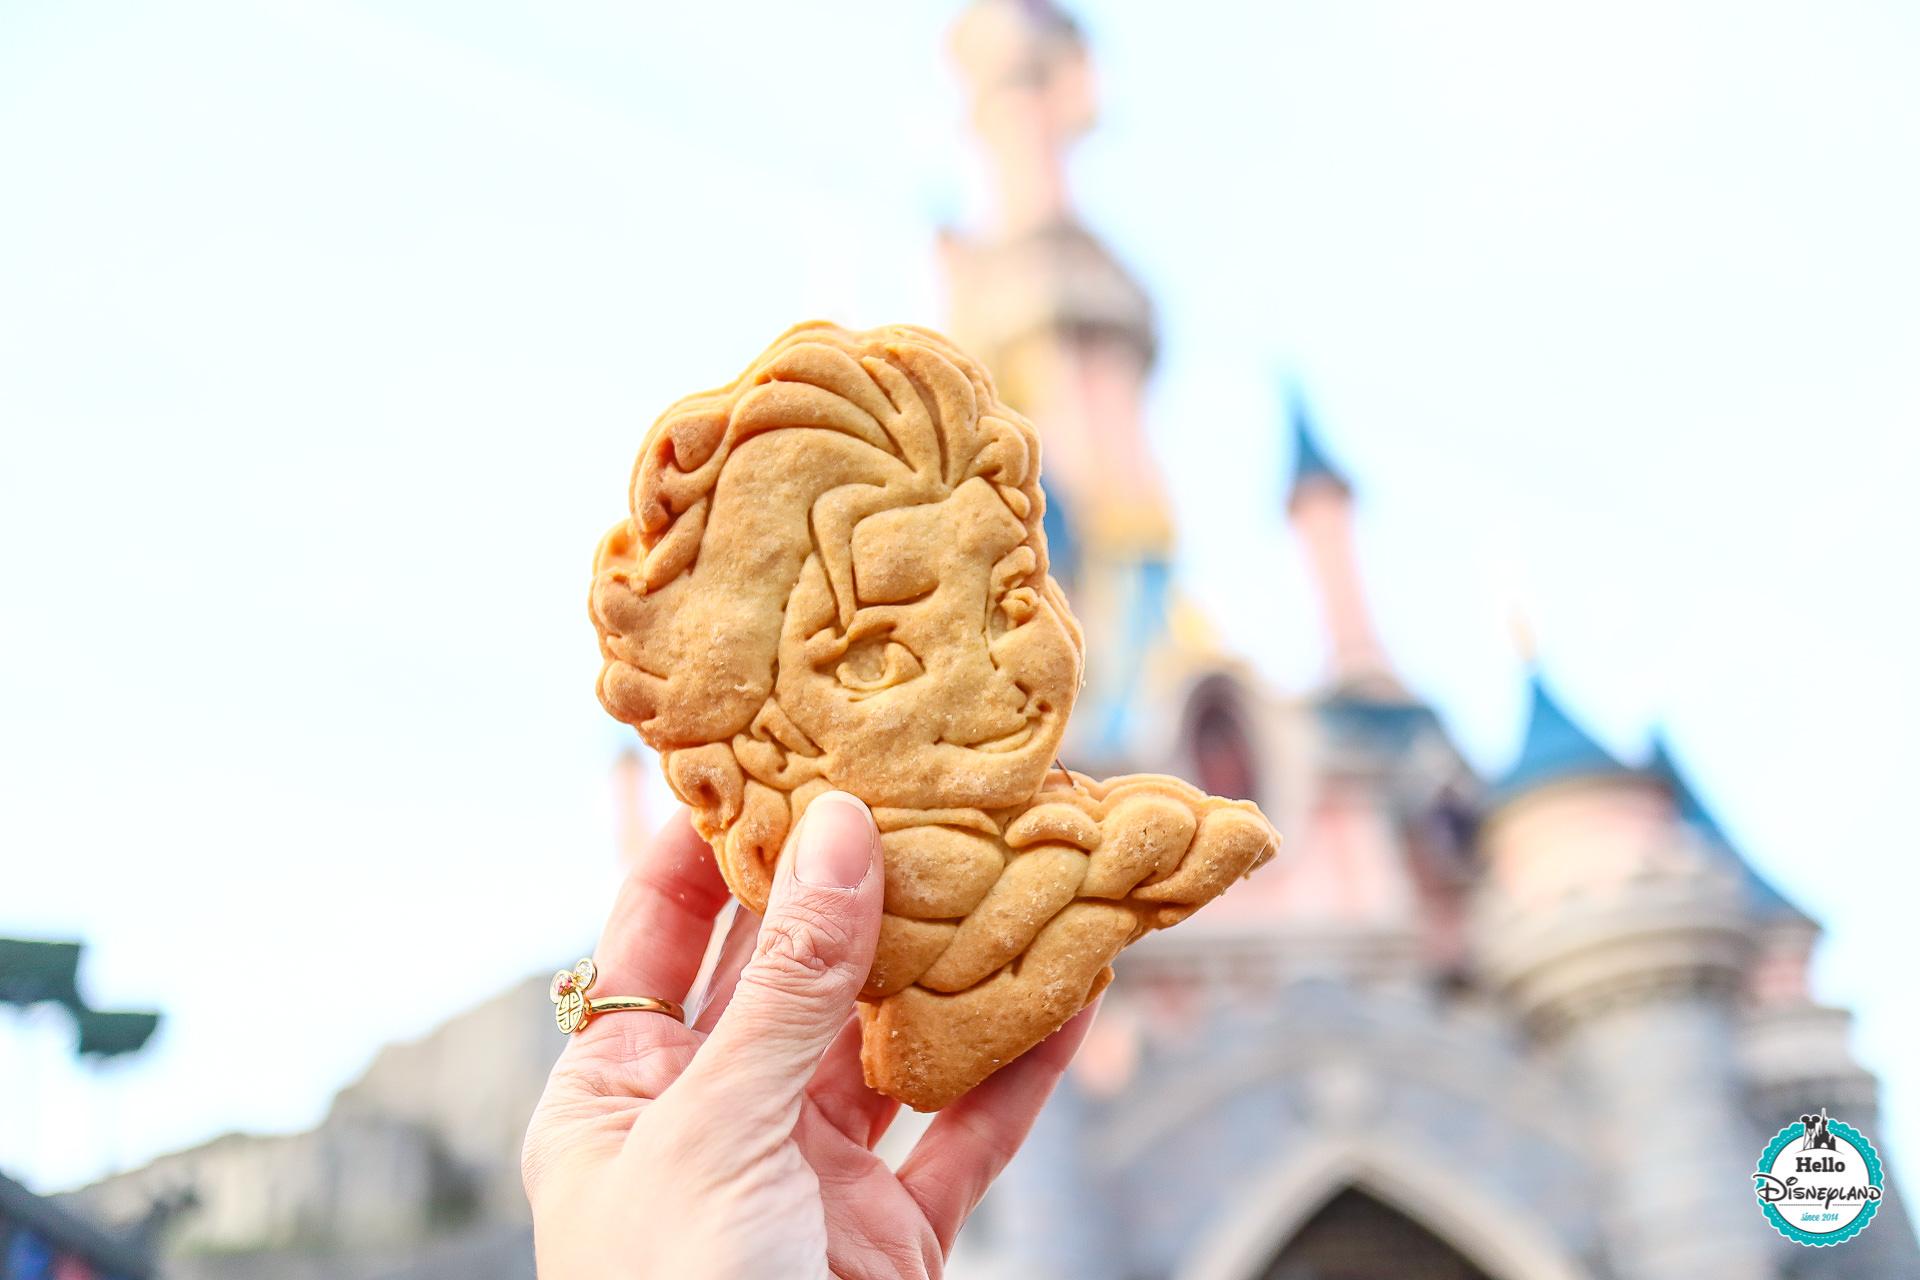 Snack Reine des Neiges Disneyland Paris